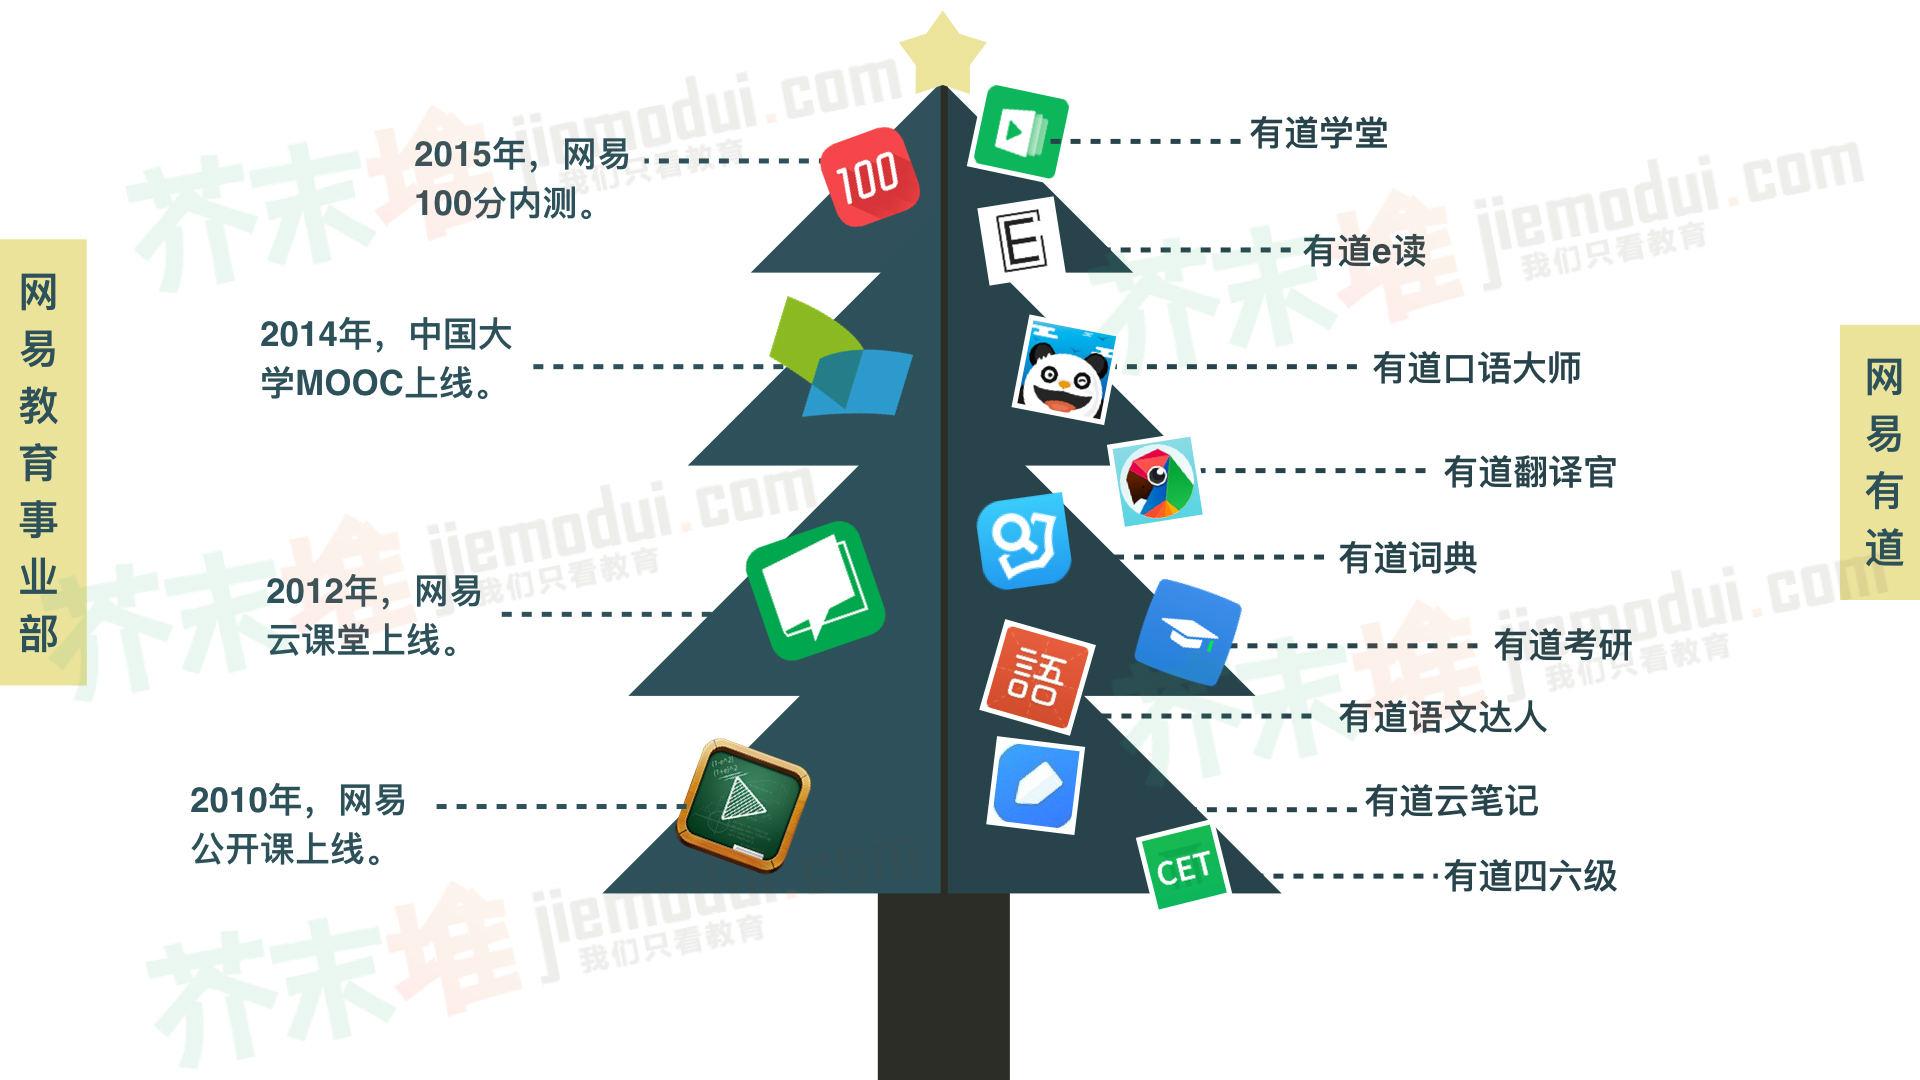 网易教育事业部改.001_meitu_2.jpg